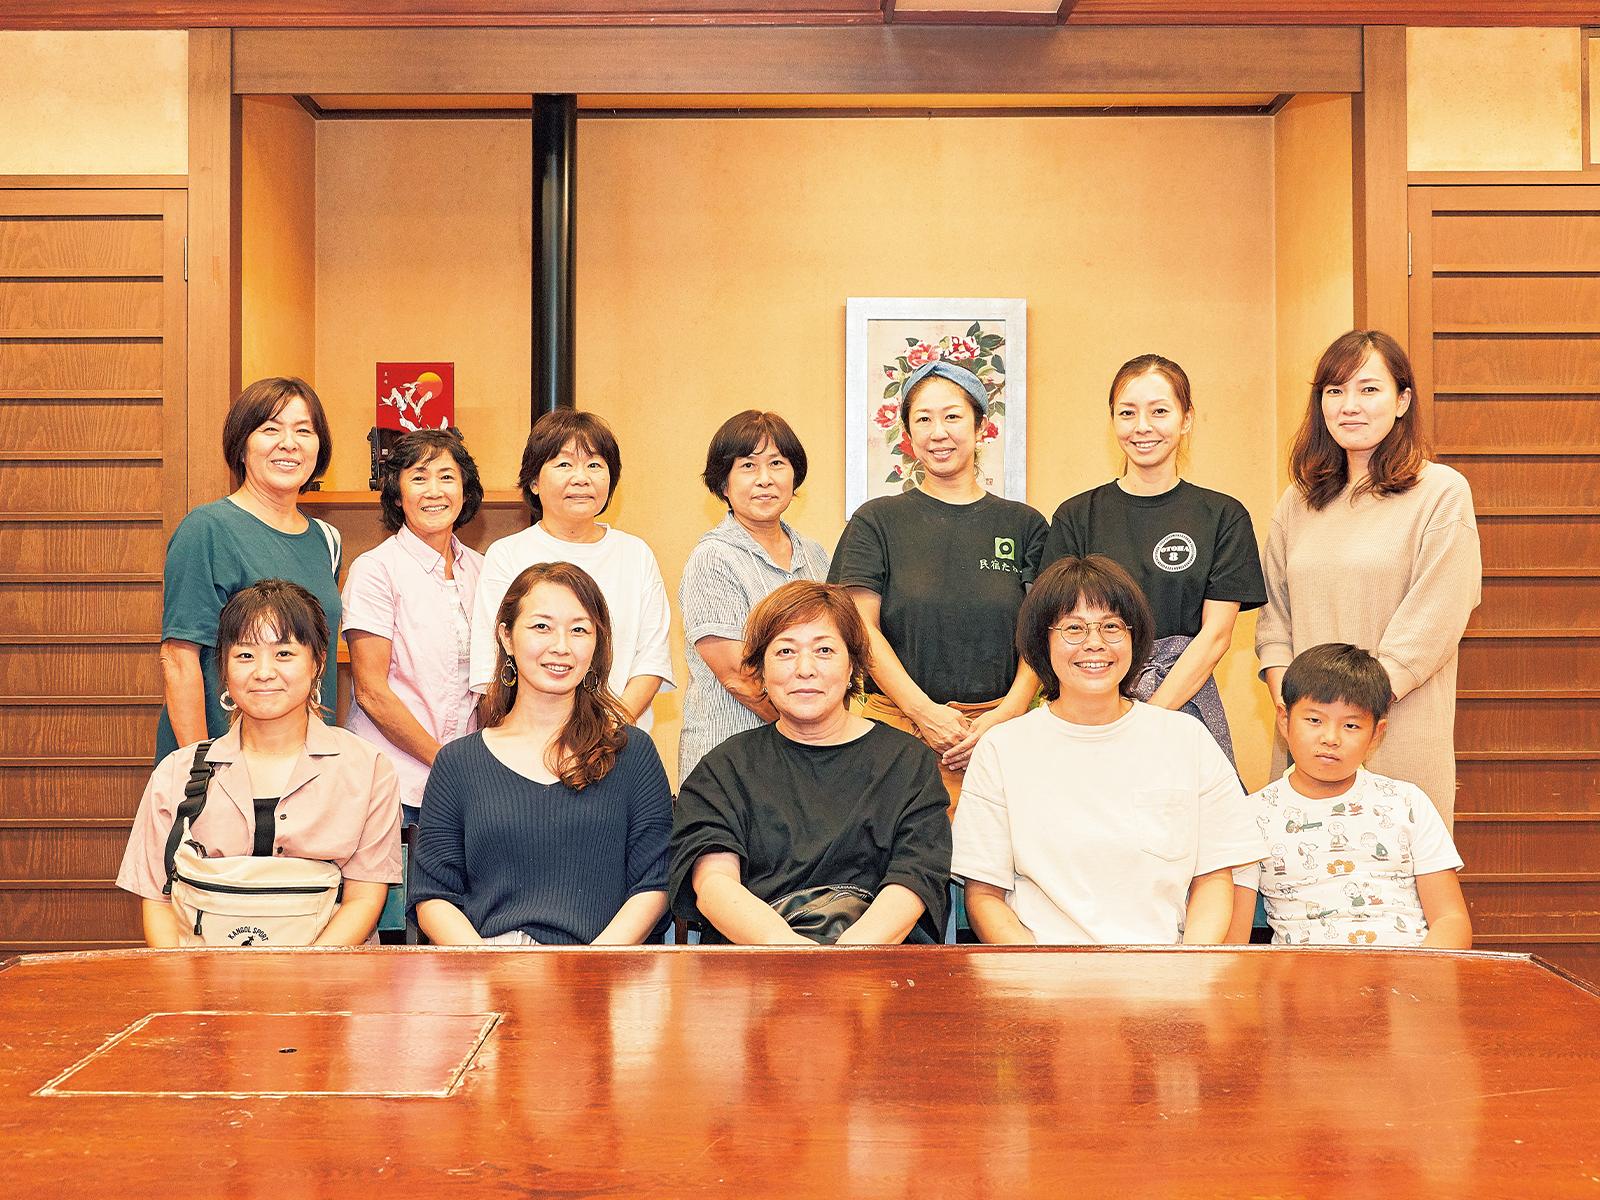 日間賀島で行われた座談会には3島から10人以上の女性が参加した。これまで、互いの島の交流はほとんどなかったといい、顔を合わせて語り合う、貴重な機会となった。女性ならではの視点、実行力で、3島の合同企画も生まれそうだ。